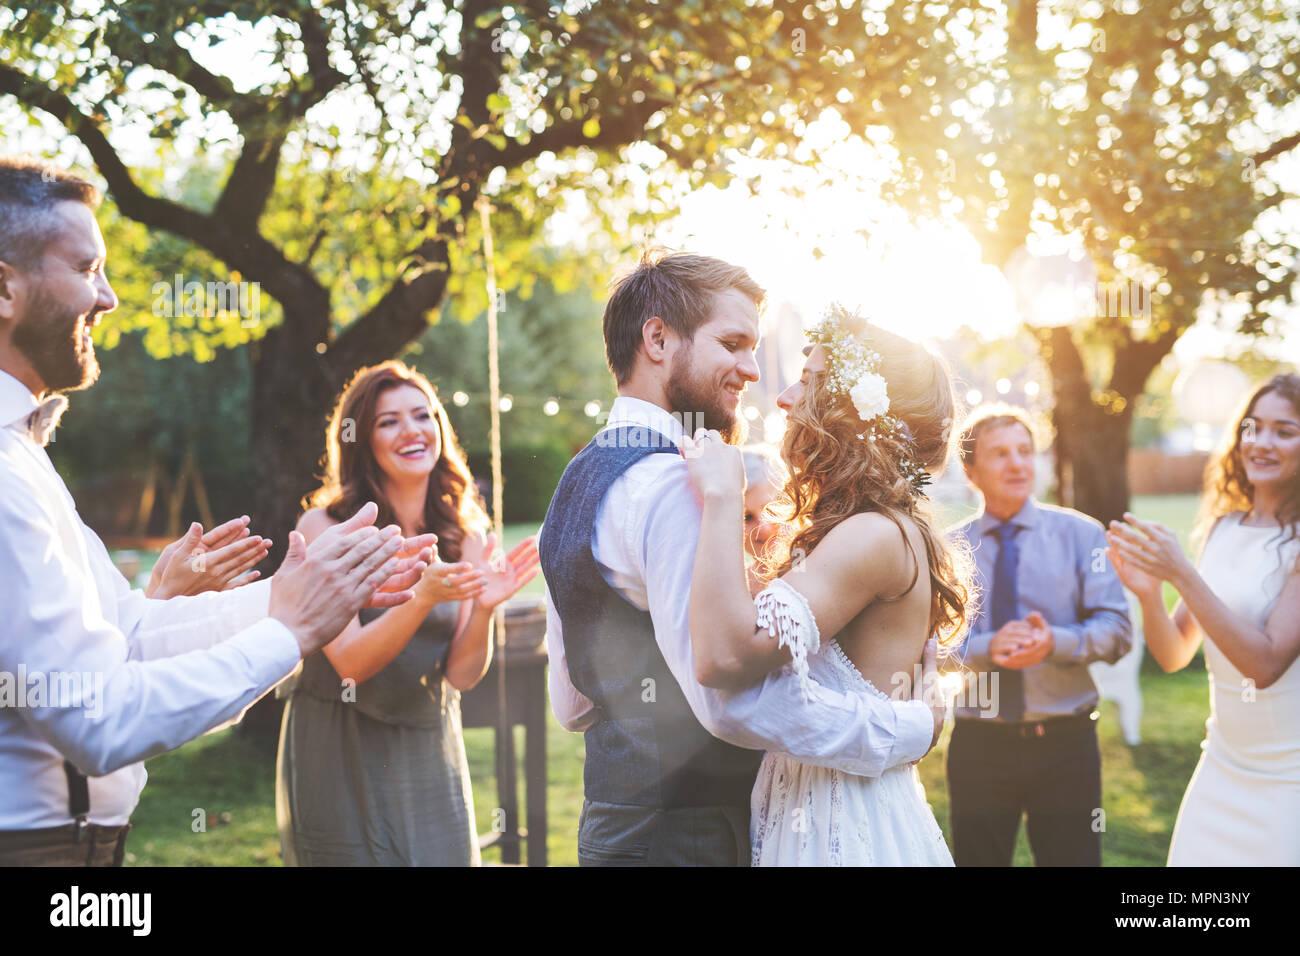 Braut und Bräutigam tanzen an der Hochzeit außerhalb im Hinterhof. Stockbild